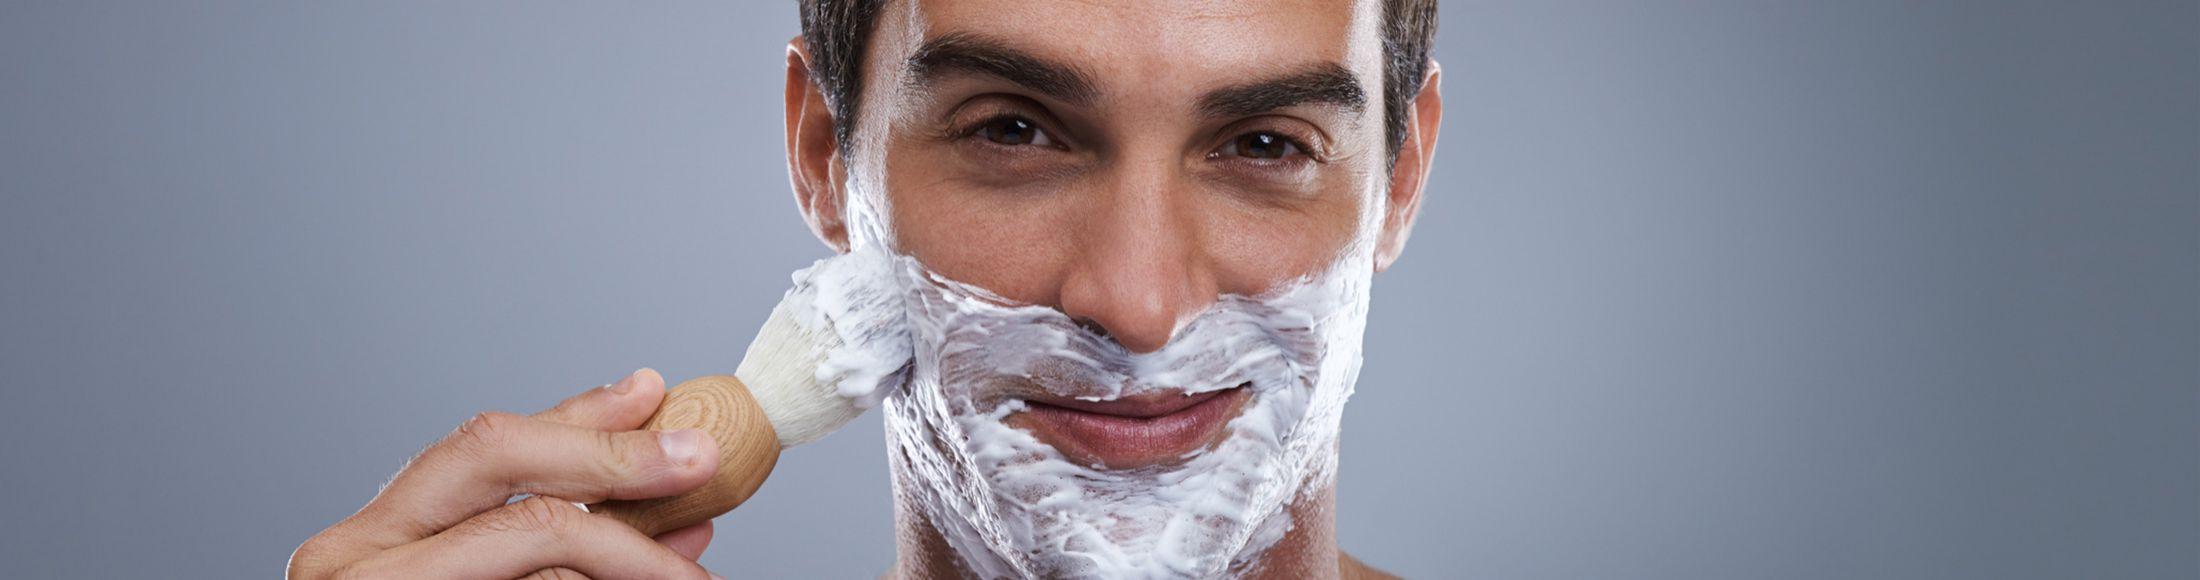 Shaving Made Easy